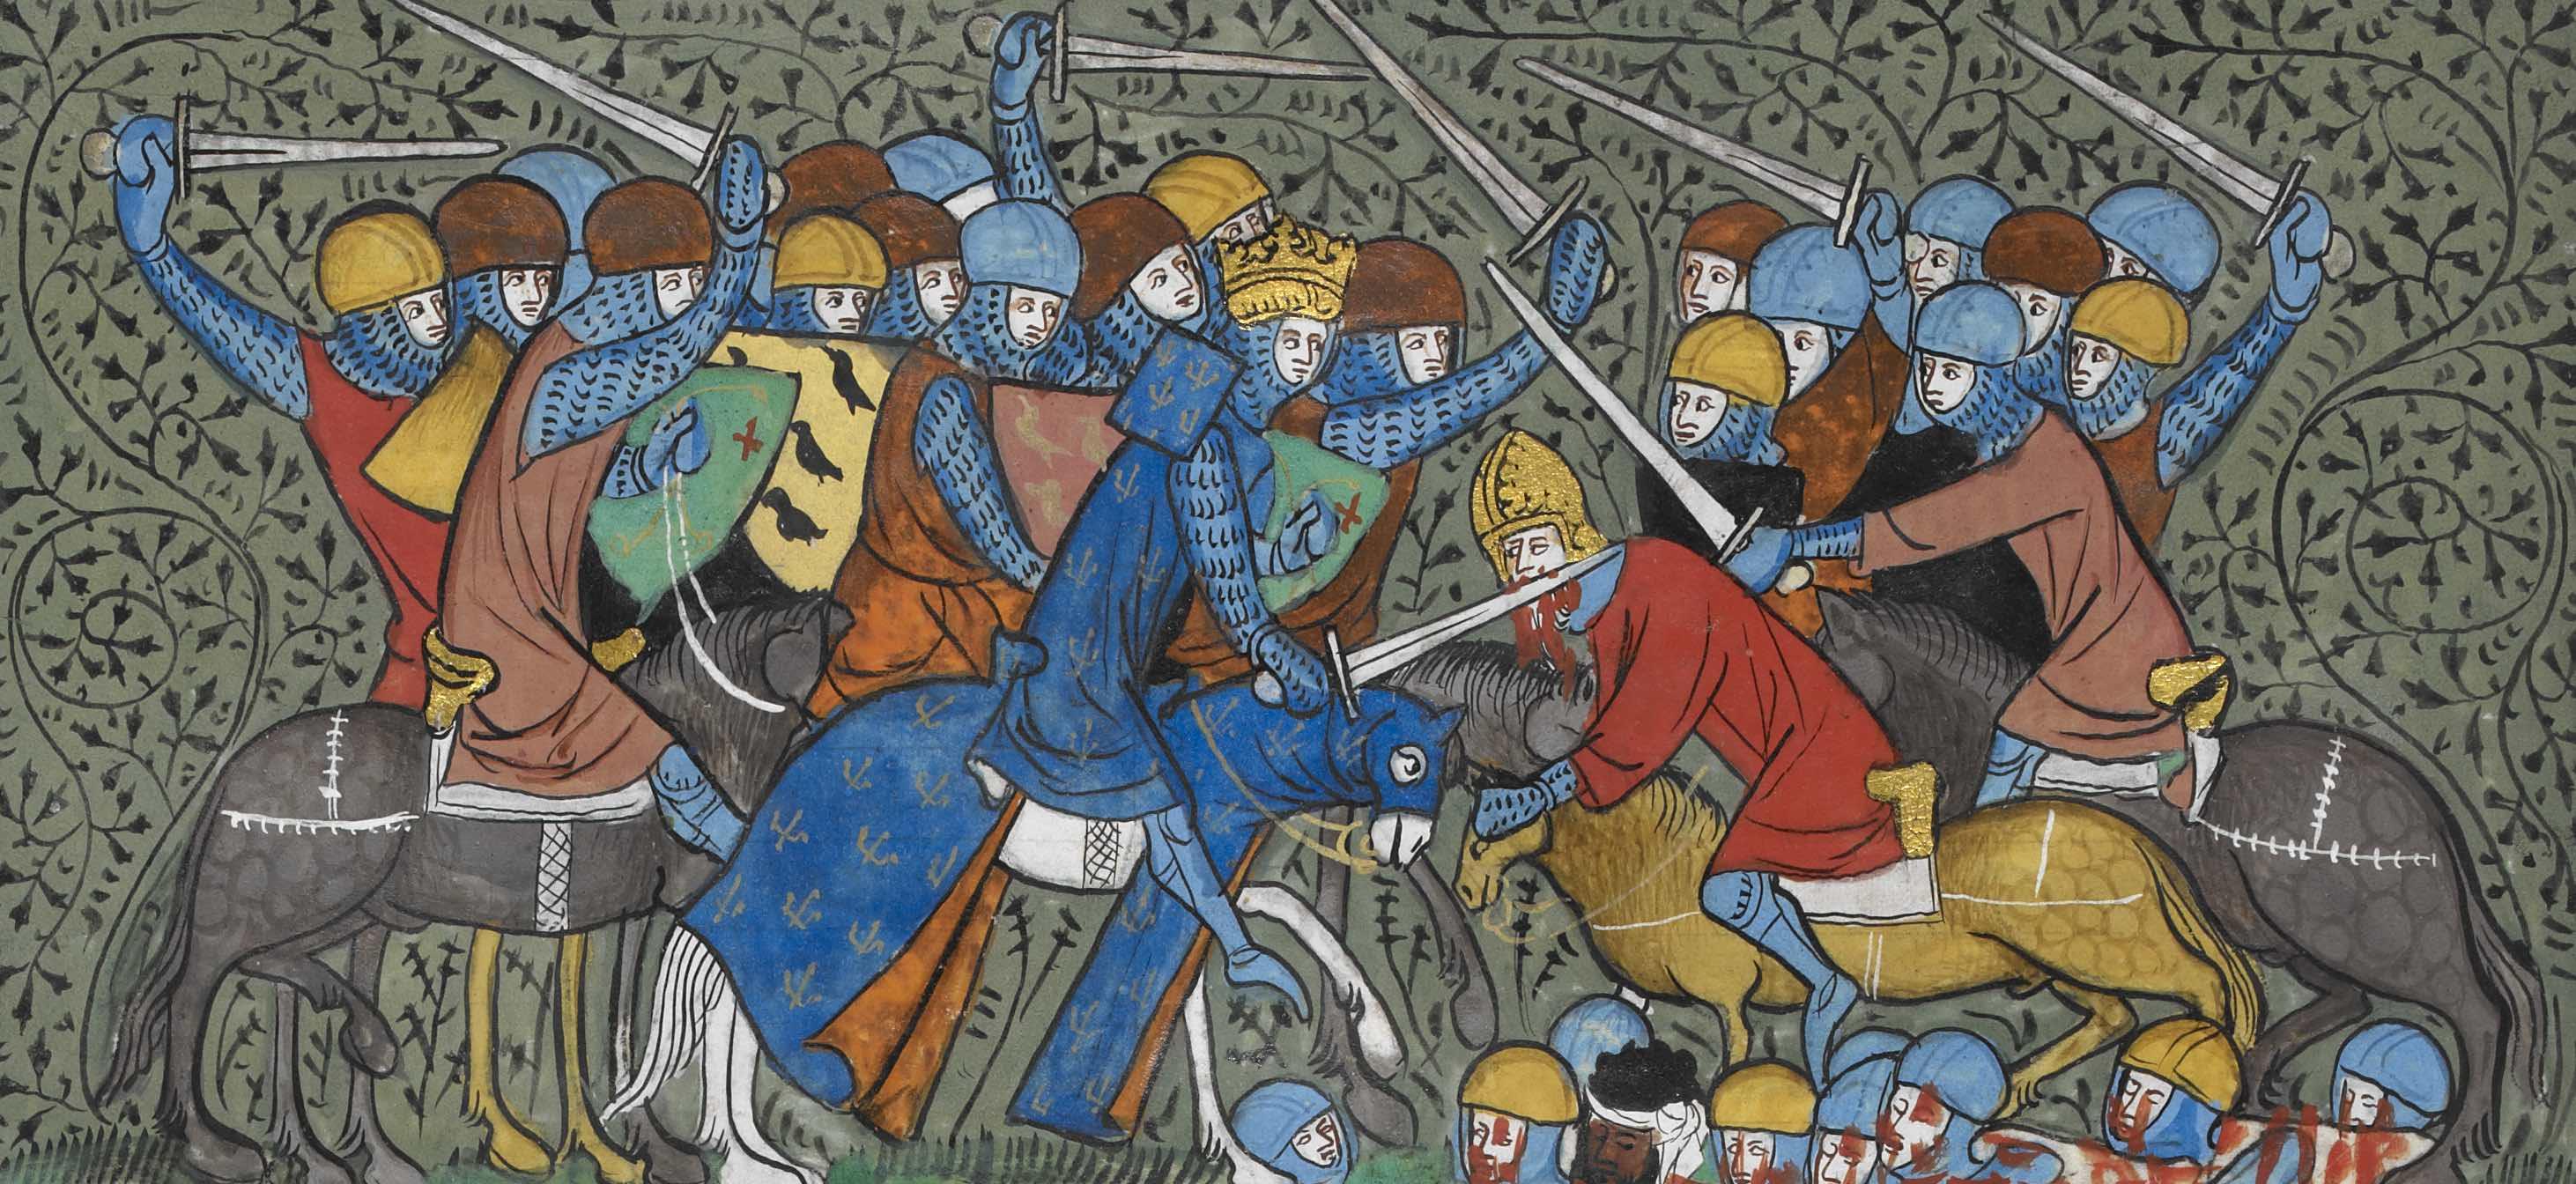 «Bataille de Poitiers», Grandes Chroniques de France, milieu du xive siècle, BL ms. Royal 16 G VI, folio 117 verso